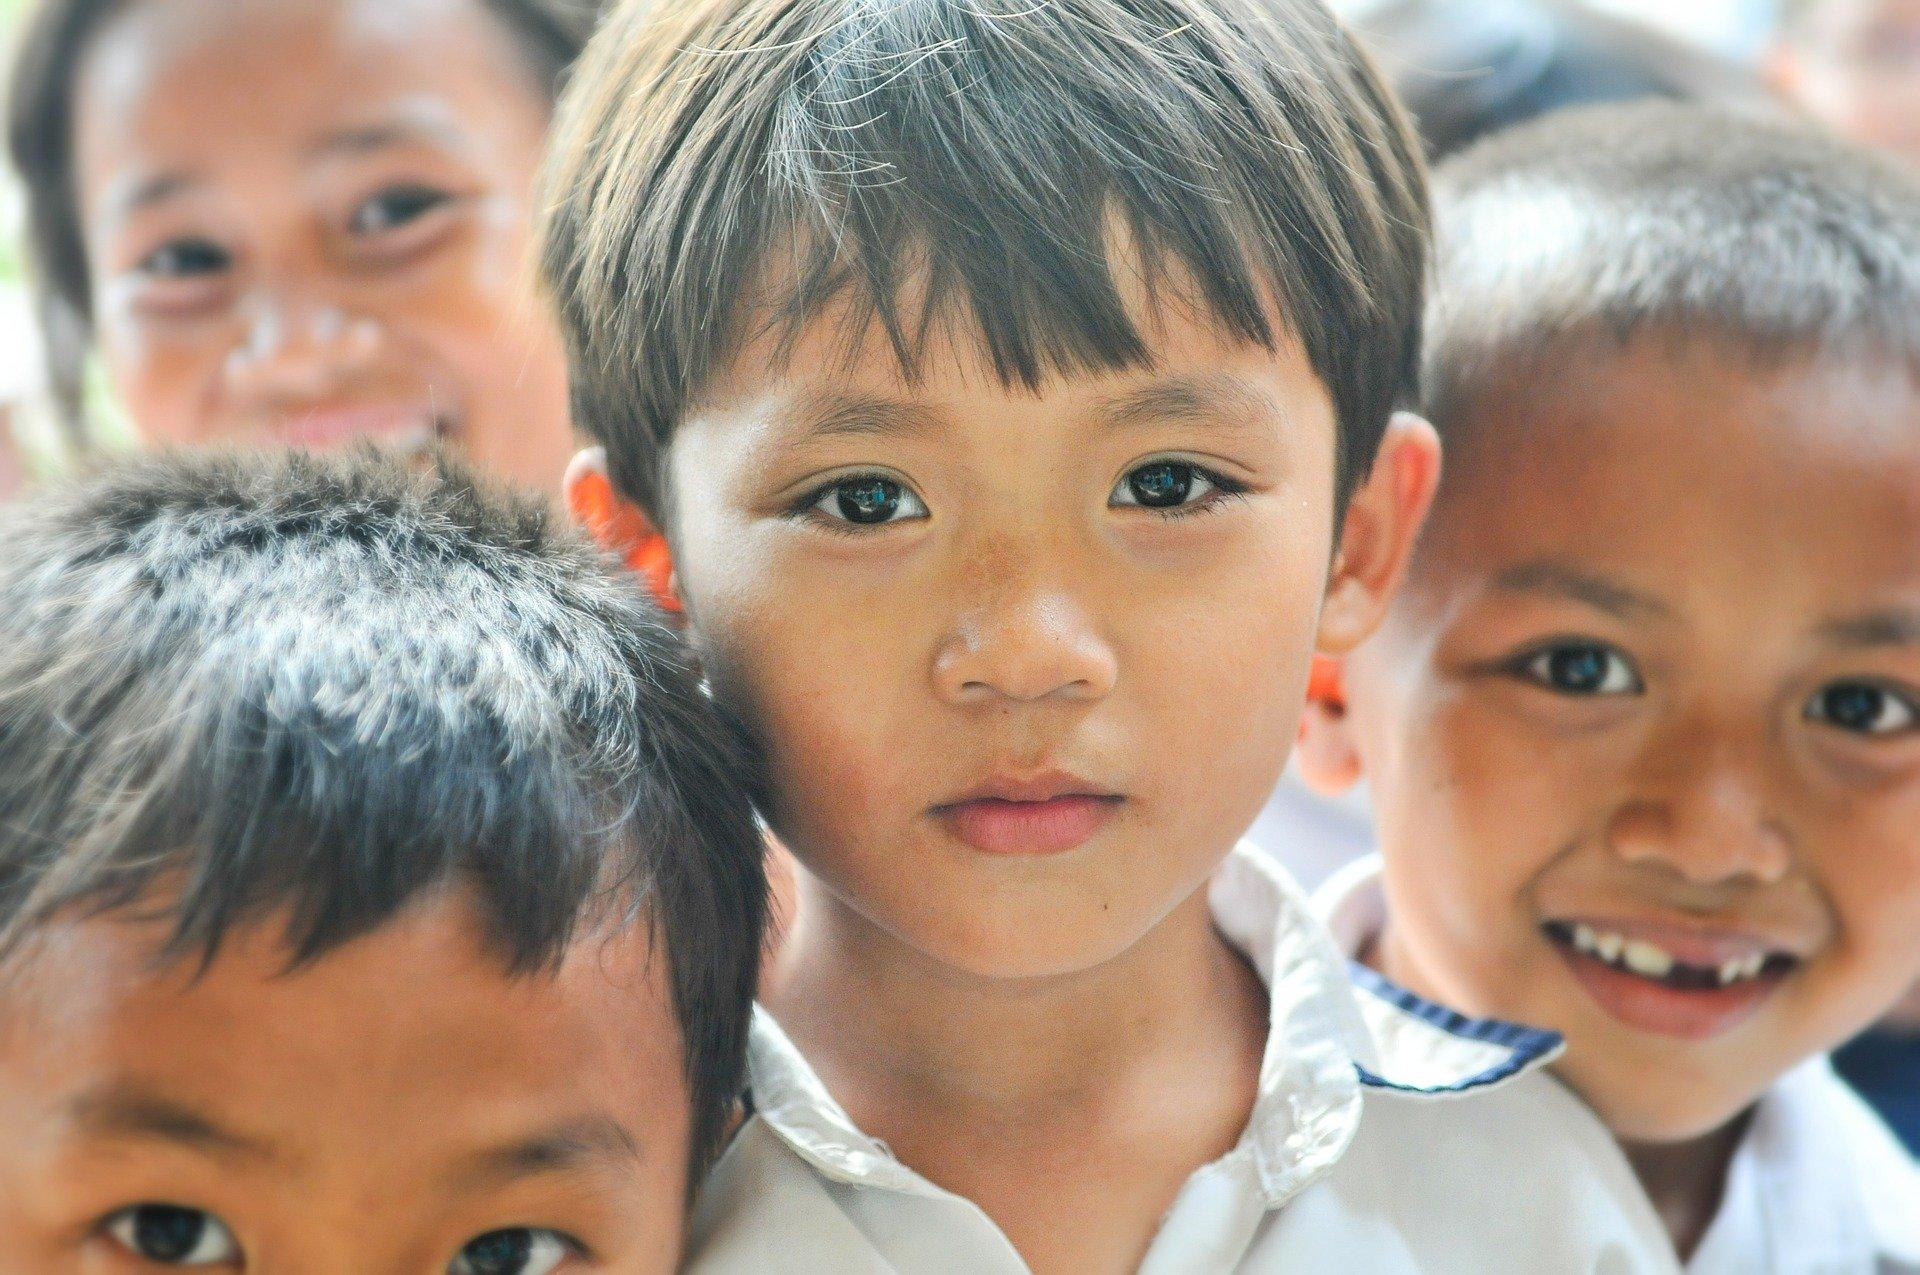 Afbeelding van een groep kinderen met de tekst 'Onderzoek'